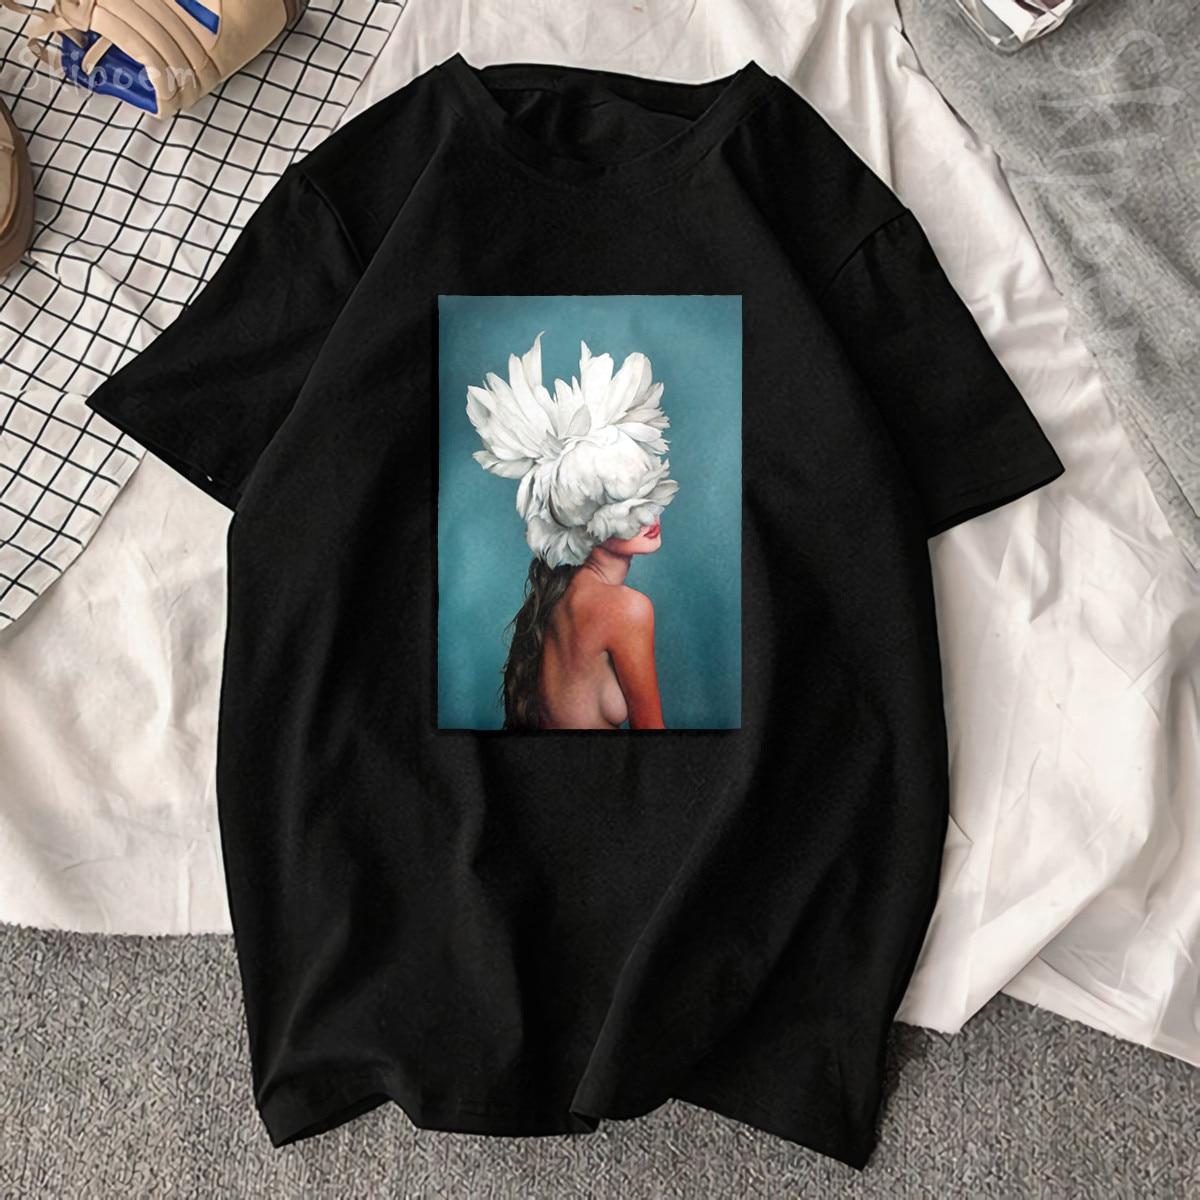 Nouveau coton Harajuku esthétique t-shirt Sexy fleurs plume imprimé à manches courtes hauts et t-shirts mode décontracté Couple t-shirt 3